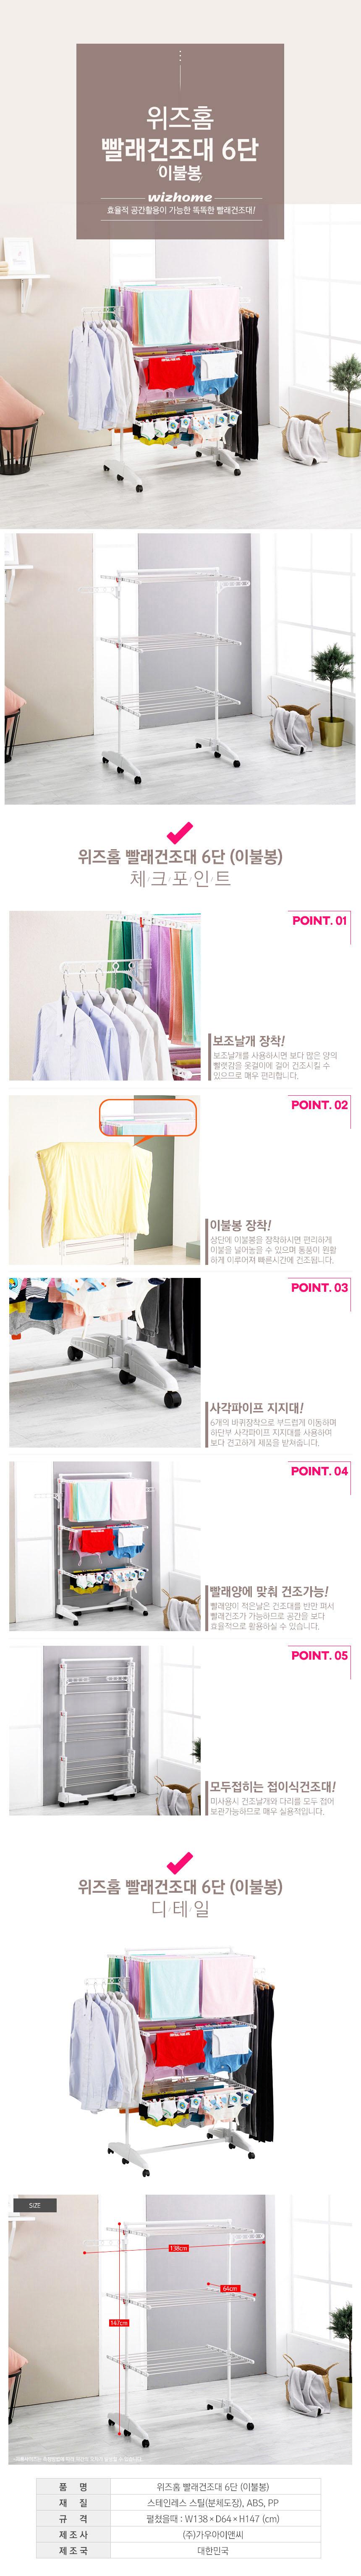 WZH_clothes horse_6.jpg